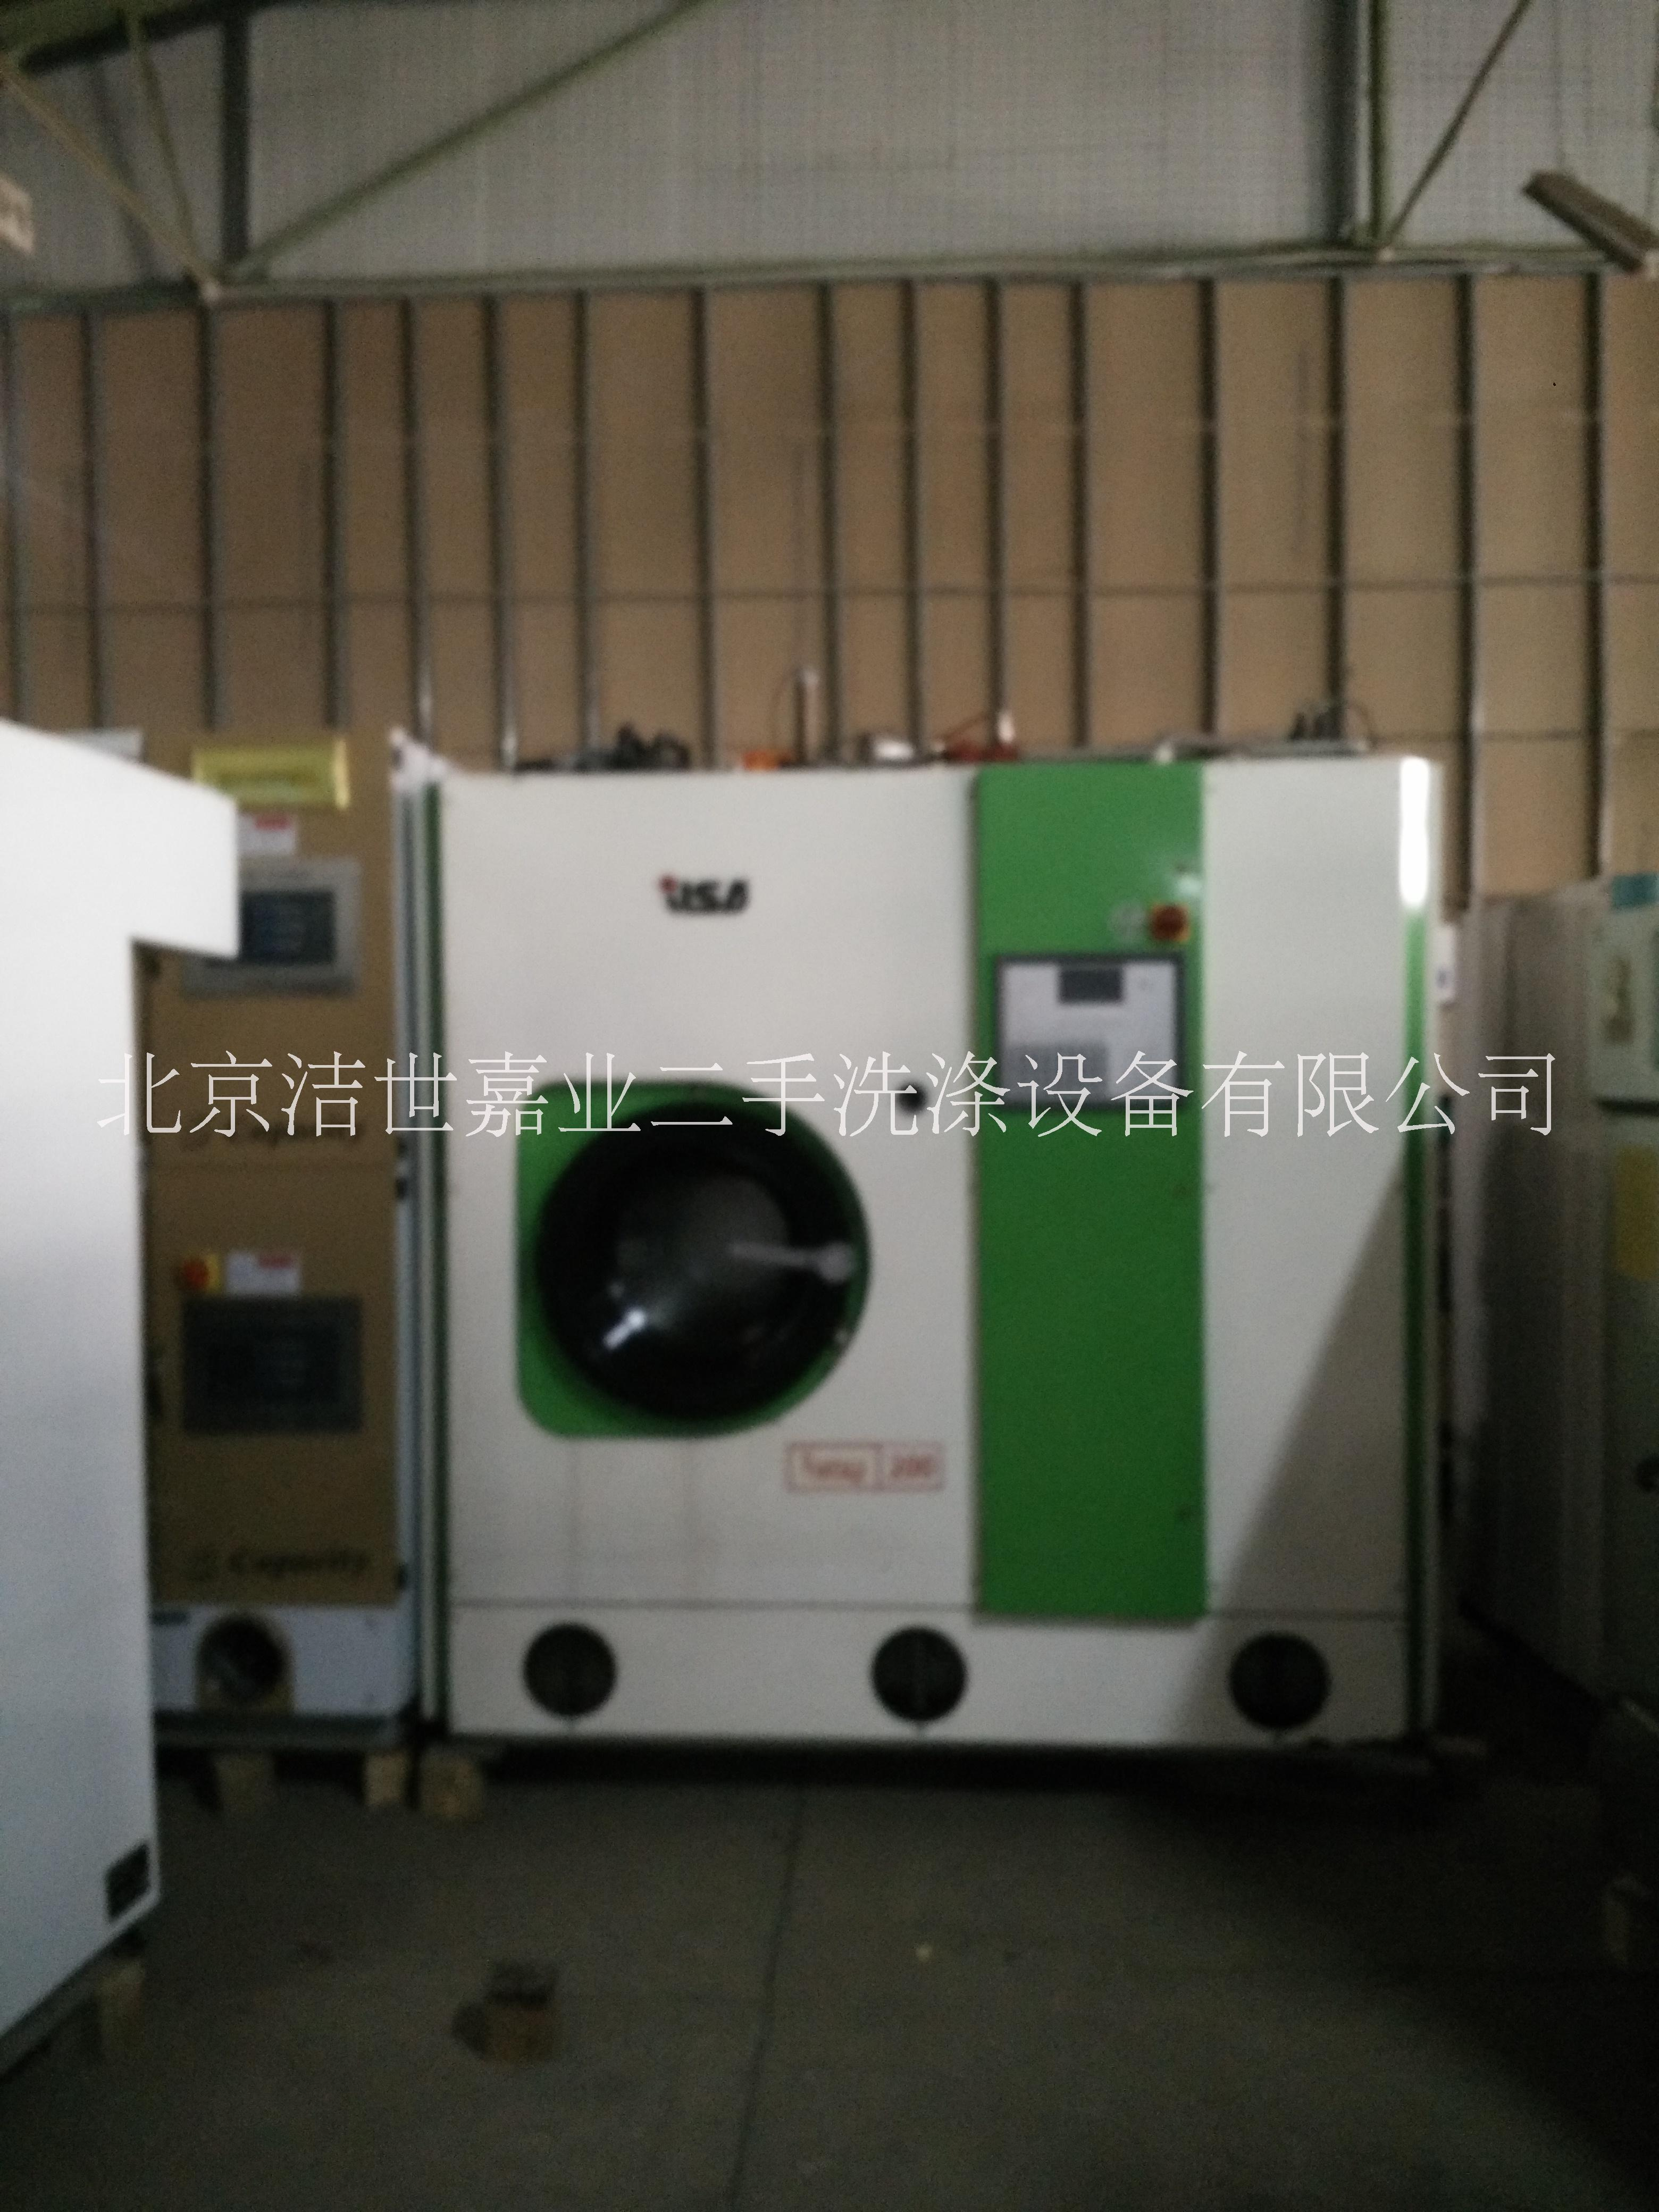 10公斤进口干洗机 二手依尔萨进口干洗机